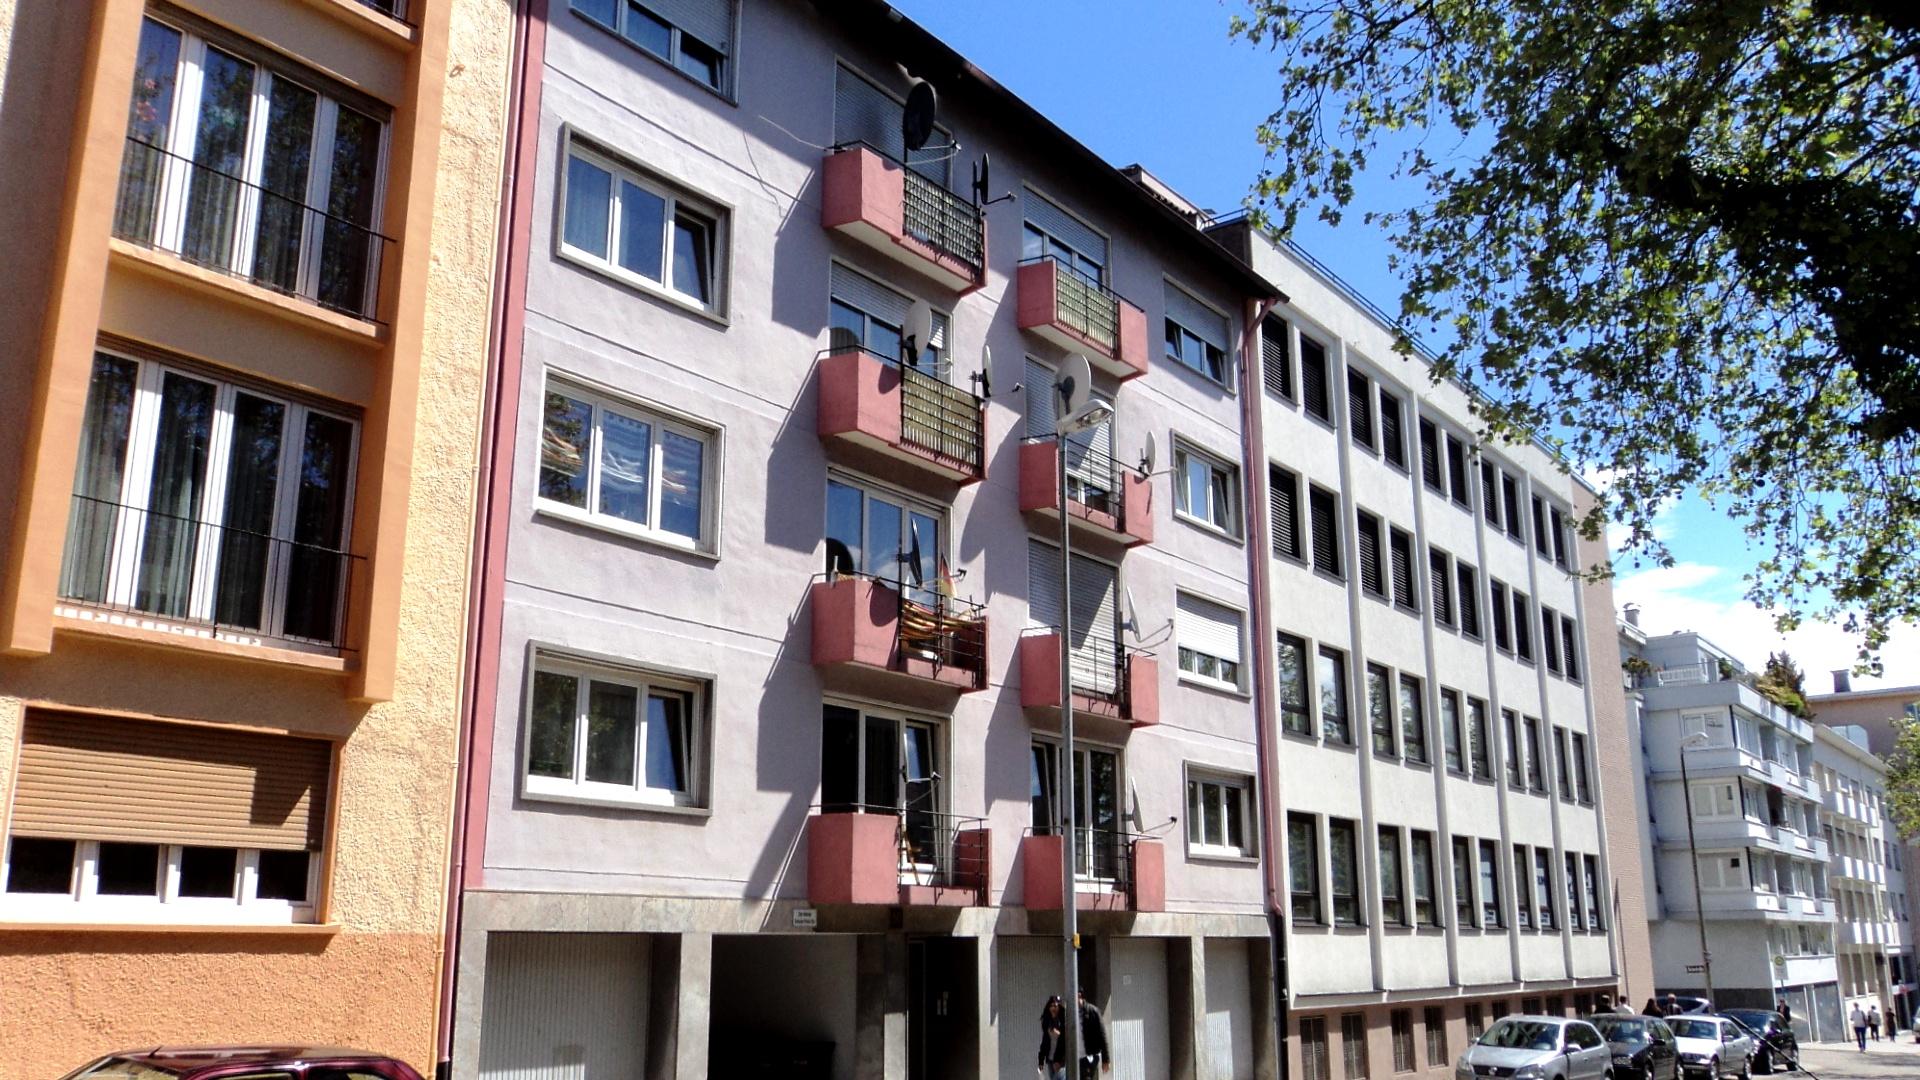 Verwaltung Wohnhausportfolio